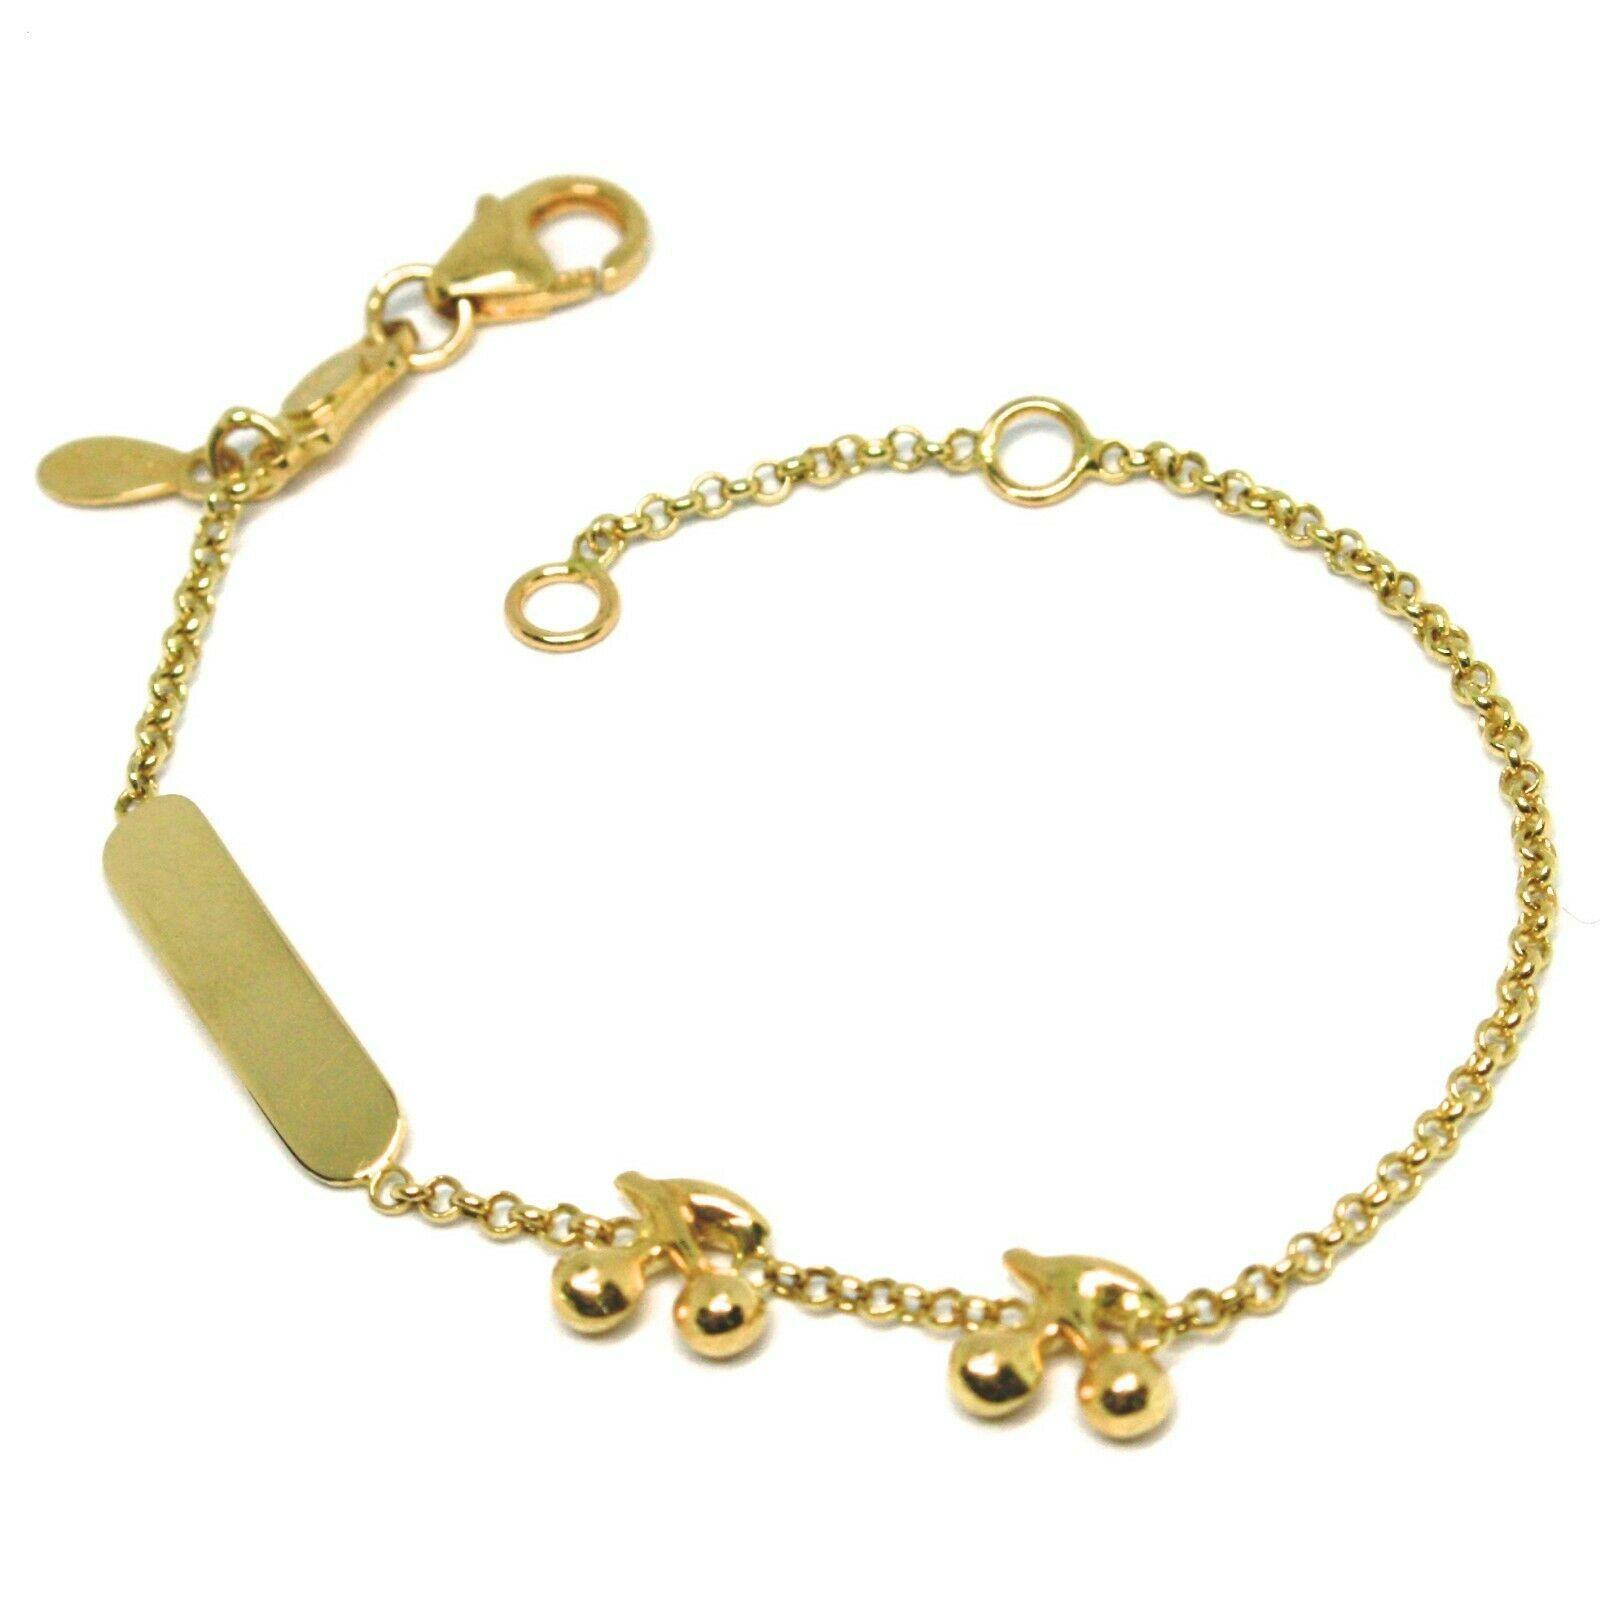 Armband Gelbgold 18K 750, von Säugling, Platte, Kirschen, Länge 14 CM